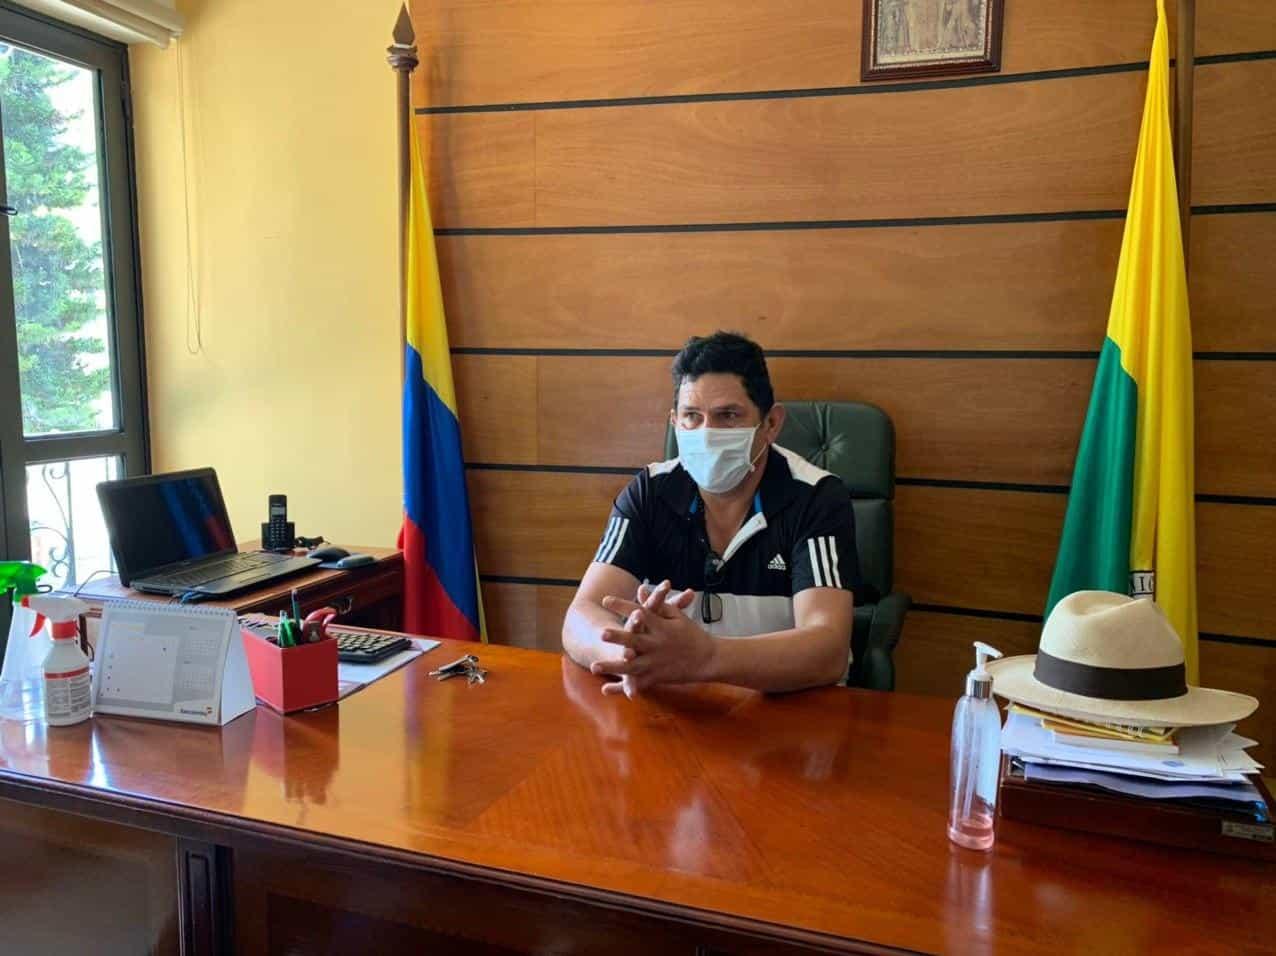 Germán Augusto Sánchez Sánchez, alcalde del municipio de Togüí, ubicado en la provincia de Ricaurte, a una hora de Tunja y a solo 15 minutos de Moniquirá.